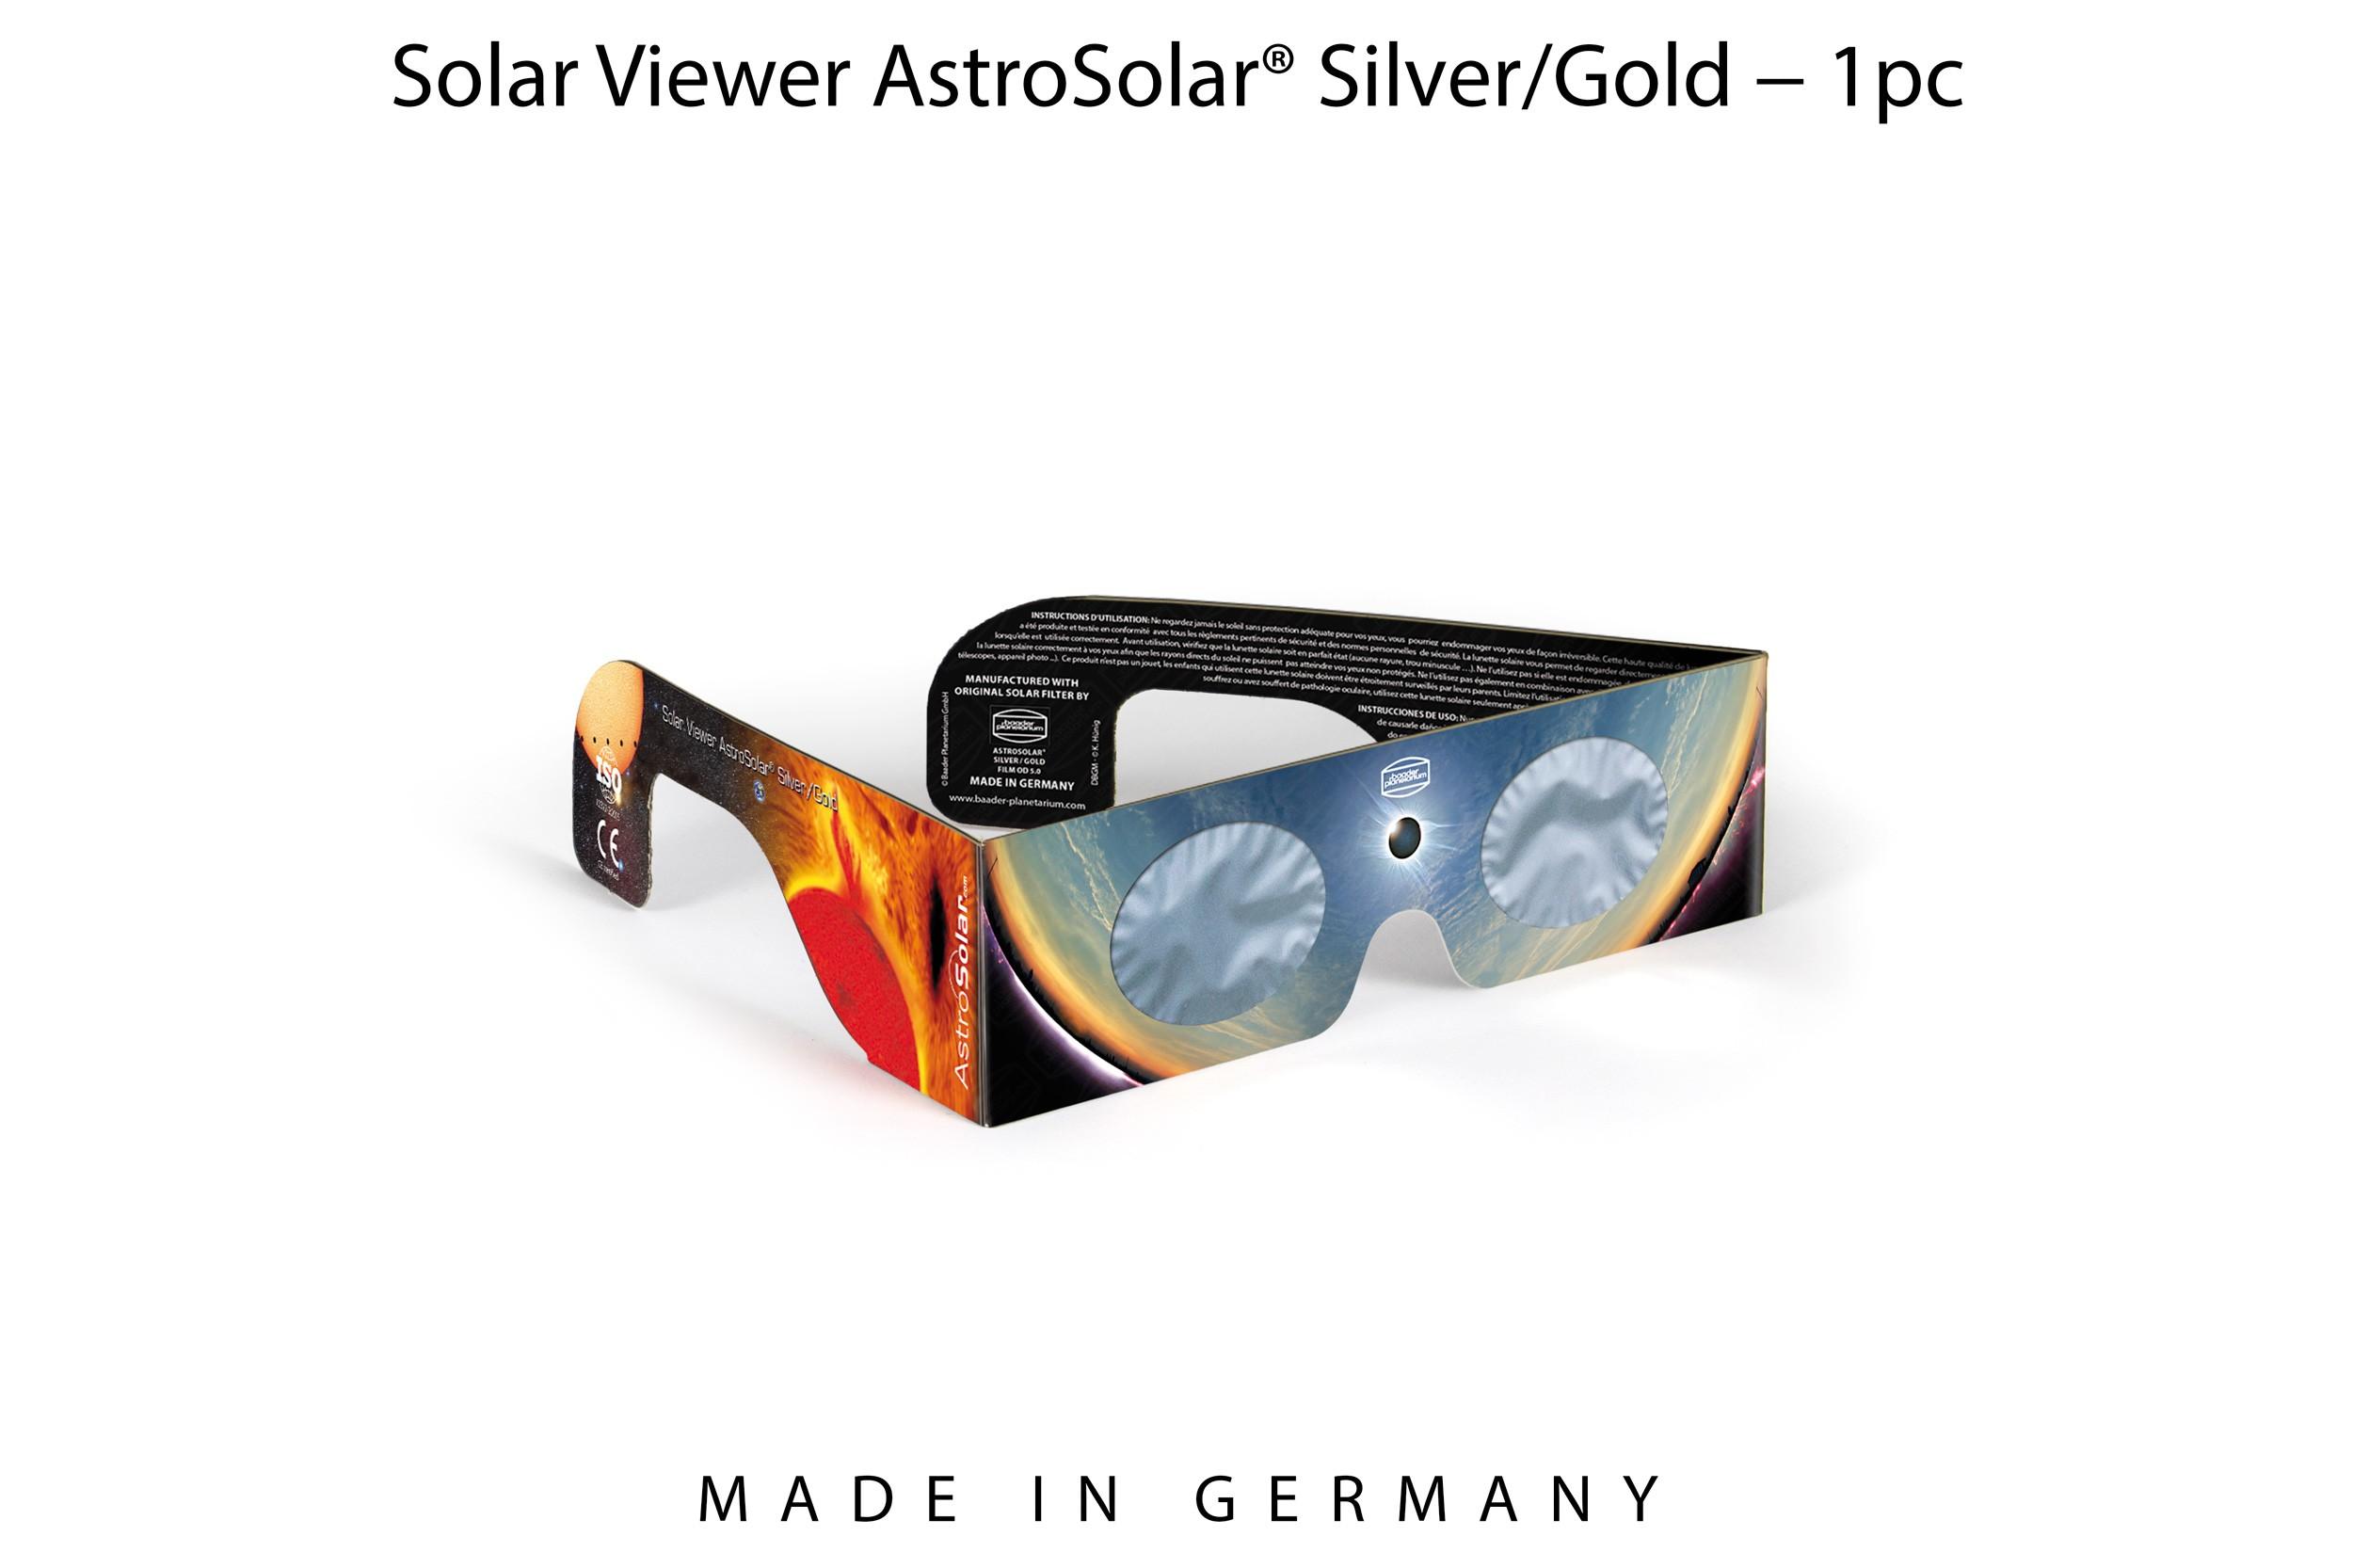 1 x Solar Viewer AstroSolar® Silver/Gold